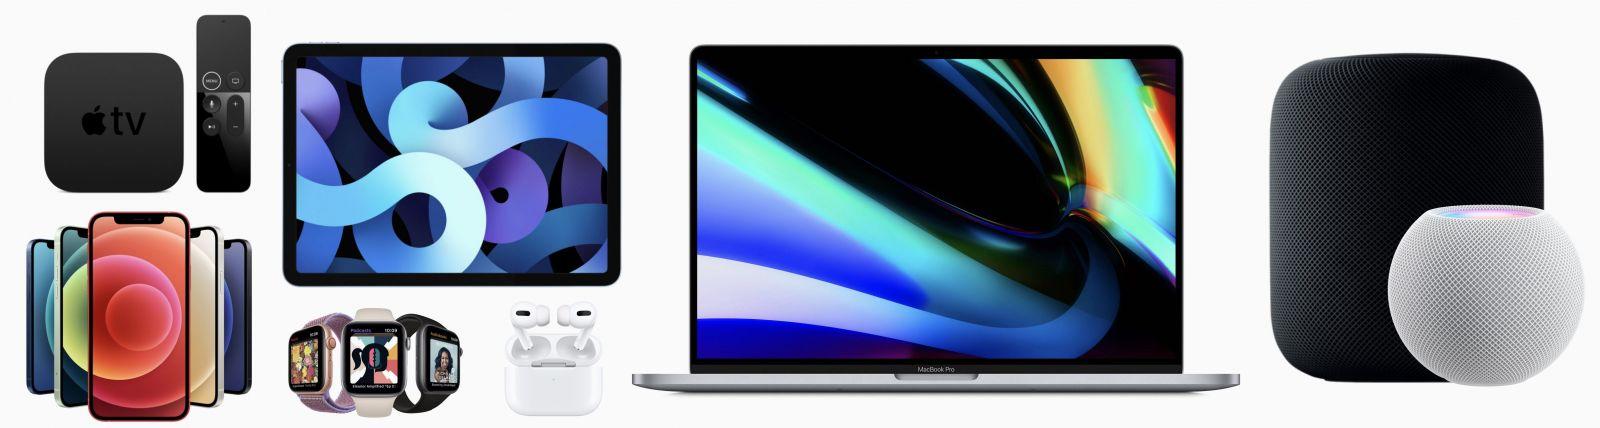 Počítač za niečo vyše tisícku, hodinky za 300 a prekvapenie tohto roka za 99 eur. Apple už nie je len predraženou značkou